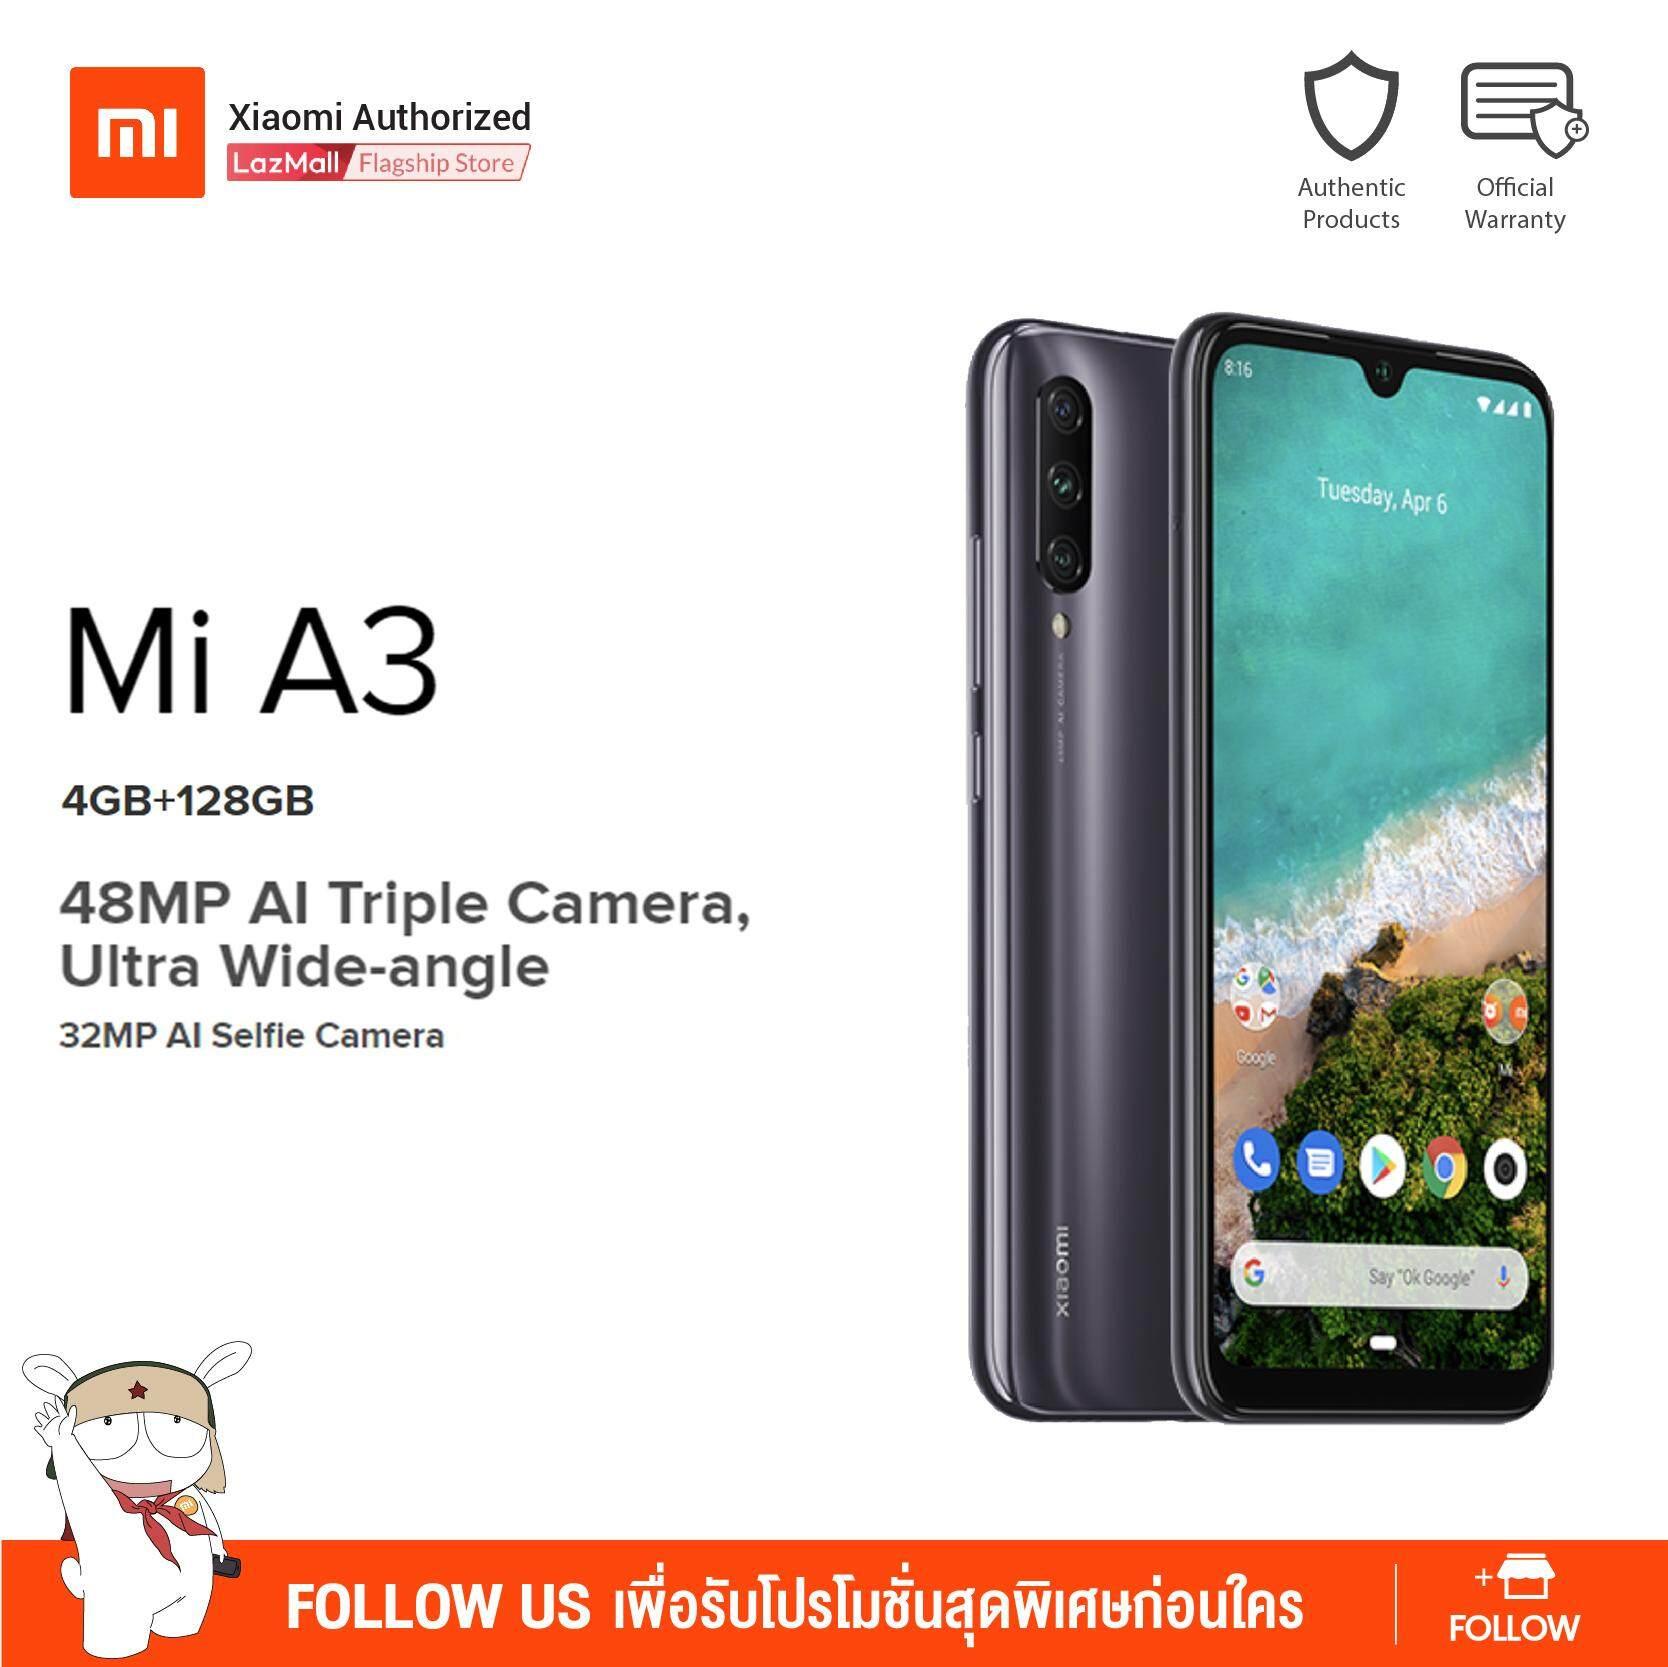 การใช้งาน  สระแก้ว Xiaomi Mi A3 4+128GB รับประกันศูนย์ไทย